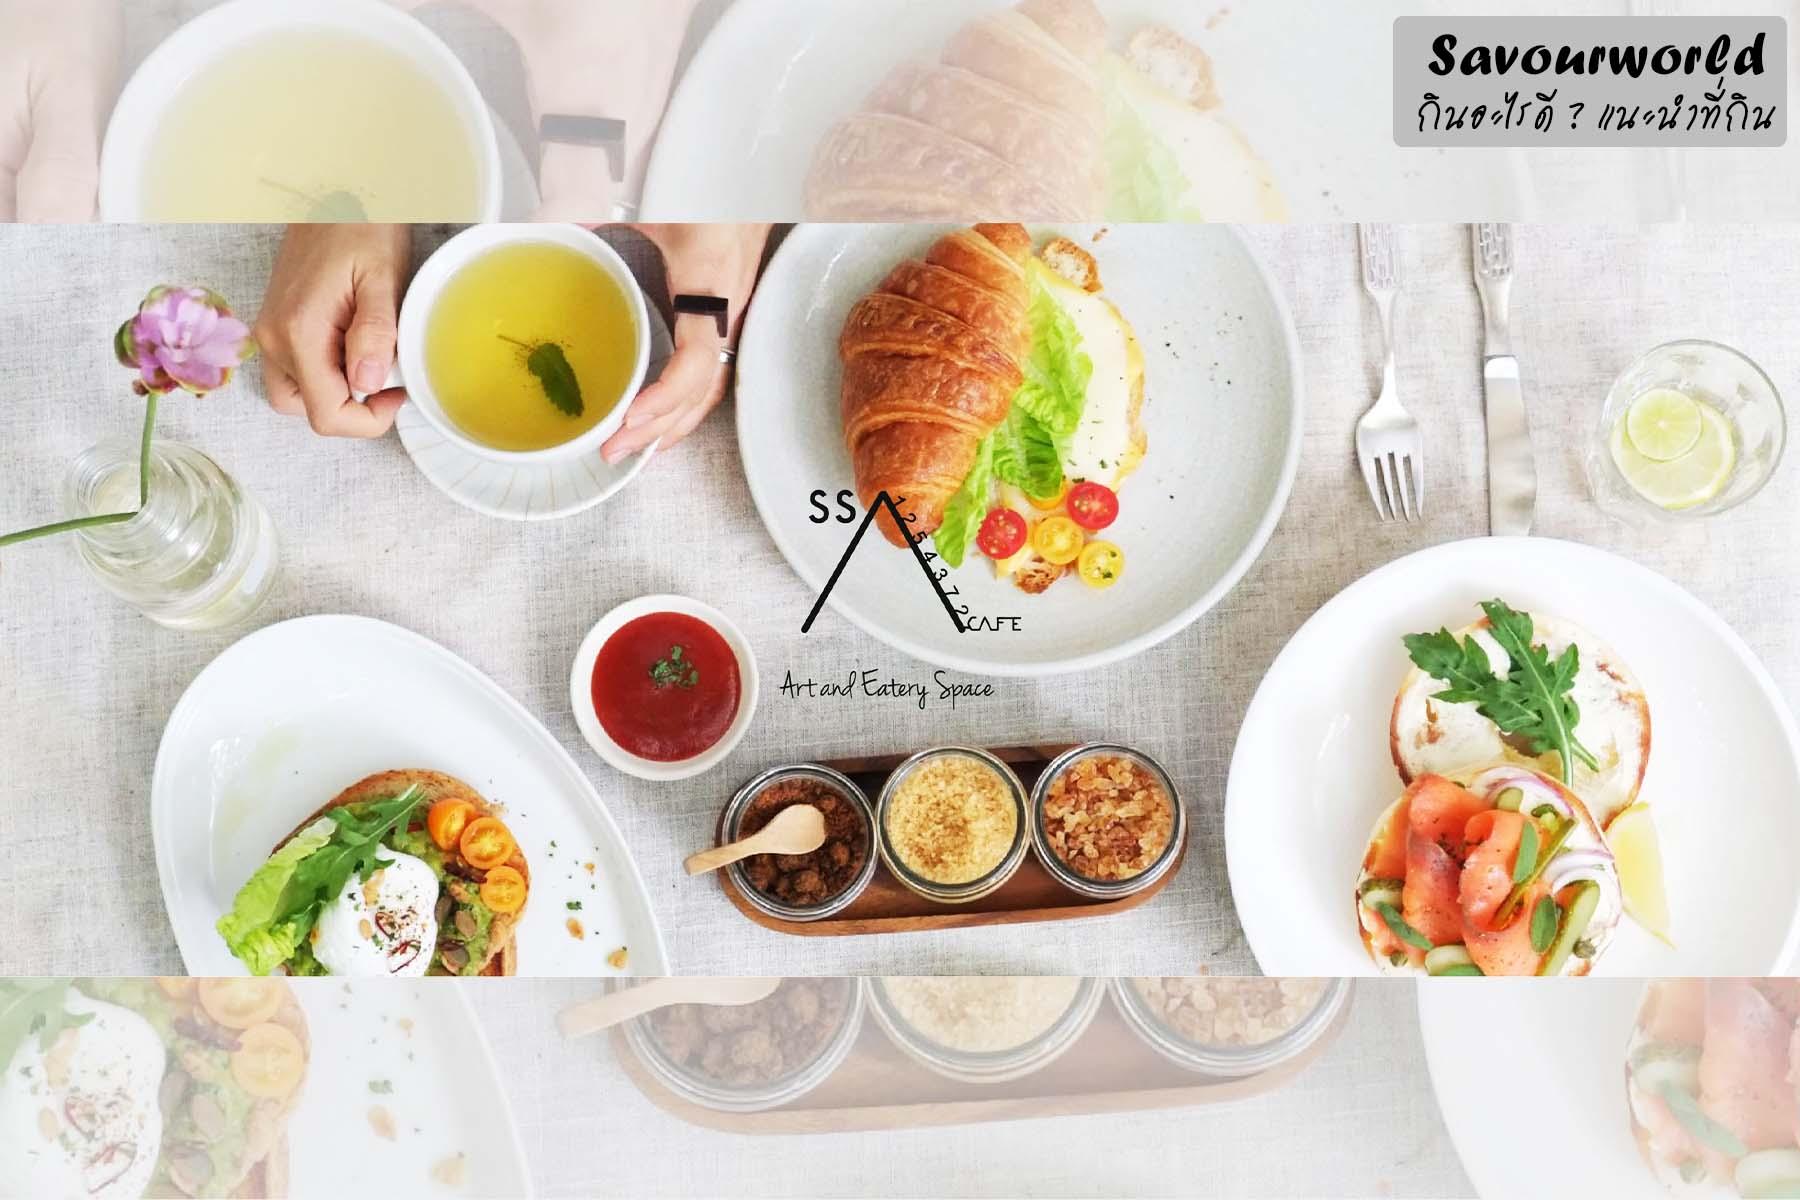 SS1254372 Café - savourworld.com